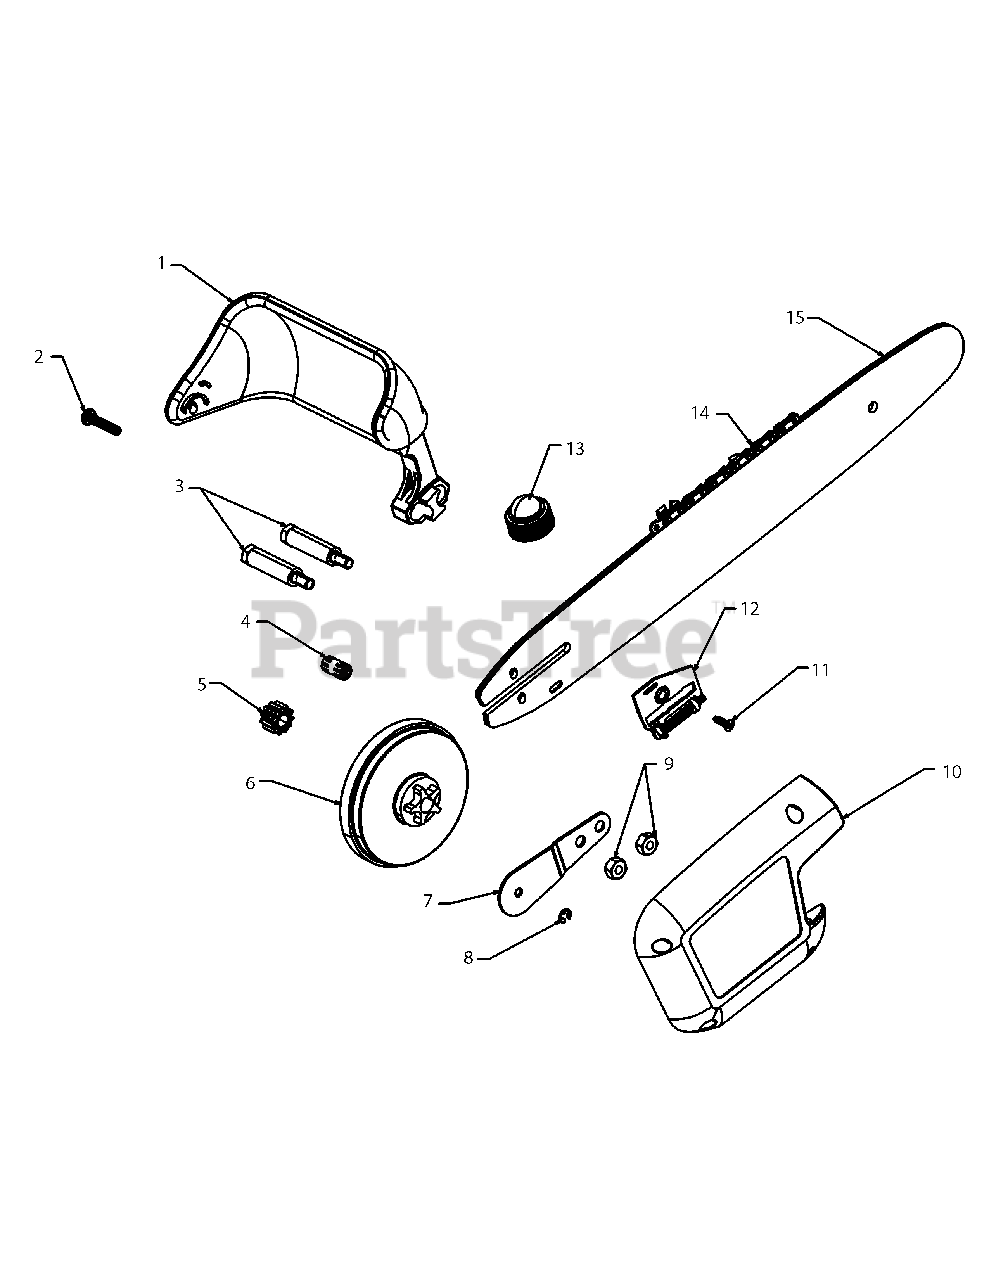 34 Remington Electric Chainsaw Parts Diagram